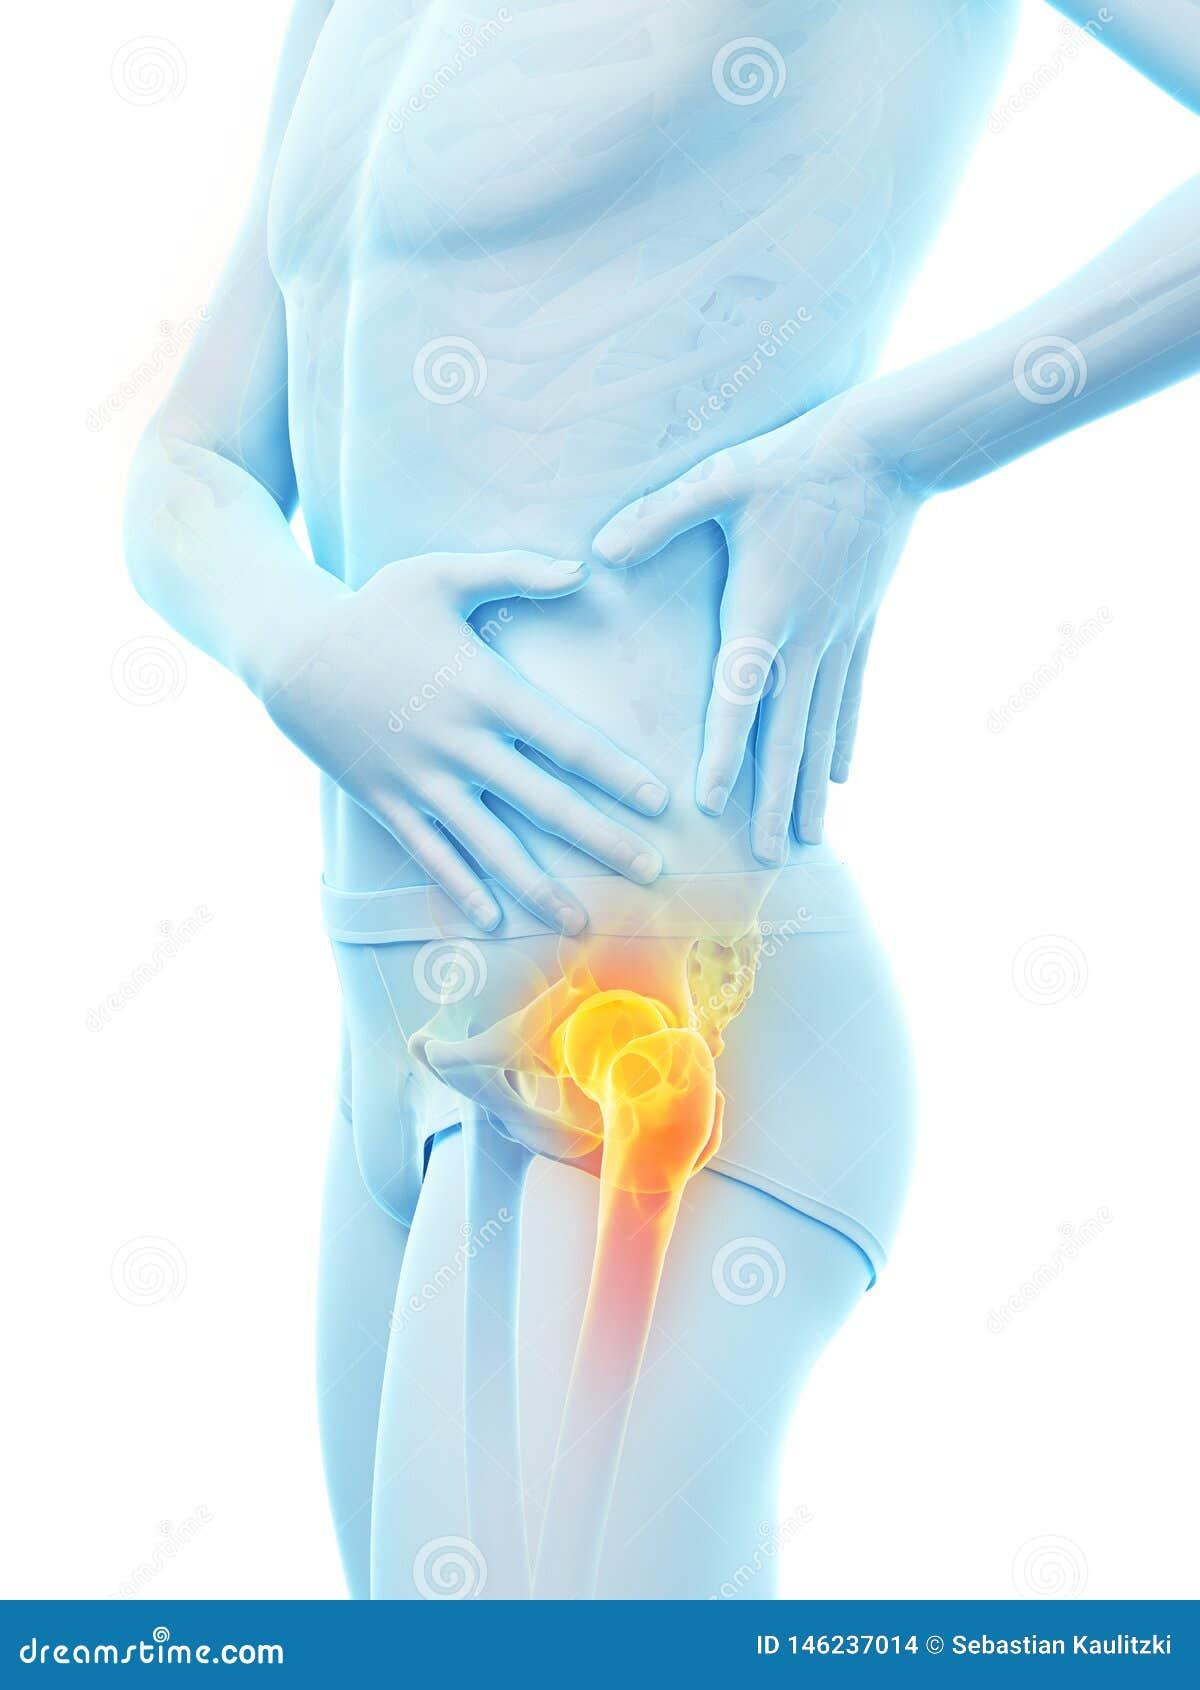 Essentials di ortopedia e traumatologia